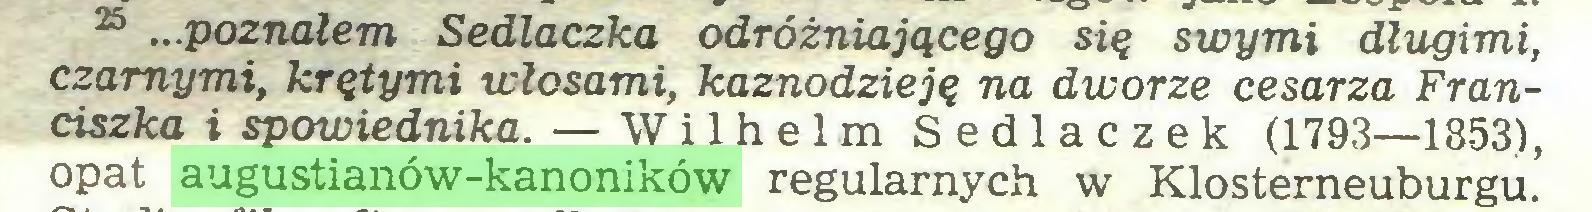 (...) 25 ...poznałem Sedlaczka odróżniającego się swymi długimi, czarnymi, krętymi włosami, kaznodzieję na dworze cesarza Franciszka i spowiednika. — Wilhelm Sedlaczek (1793—1853), opat augustianów-kanoników regularnych w Klosterneuburgu...